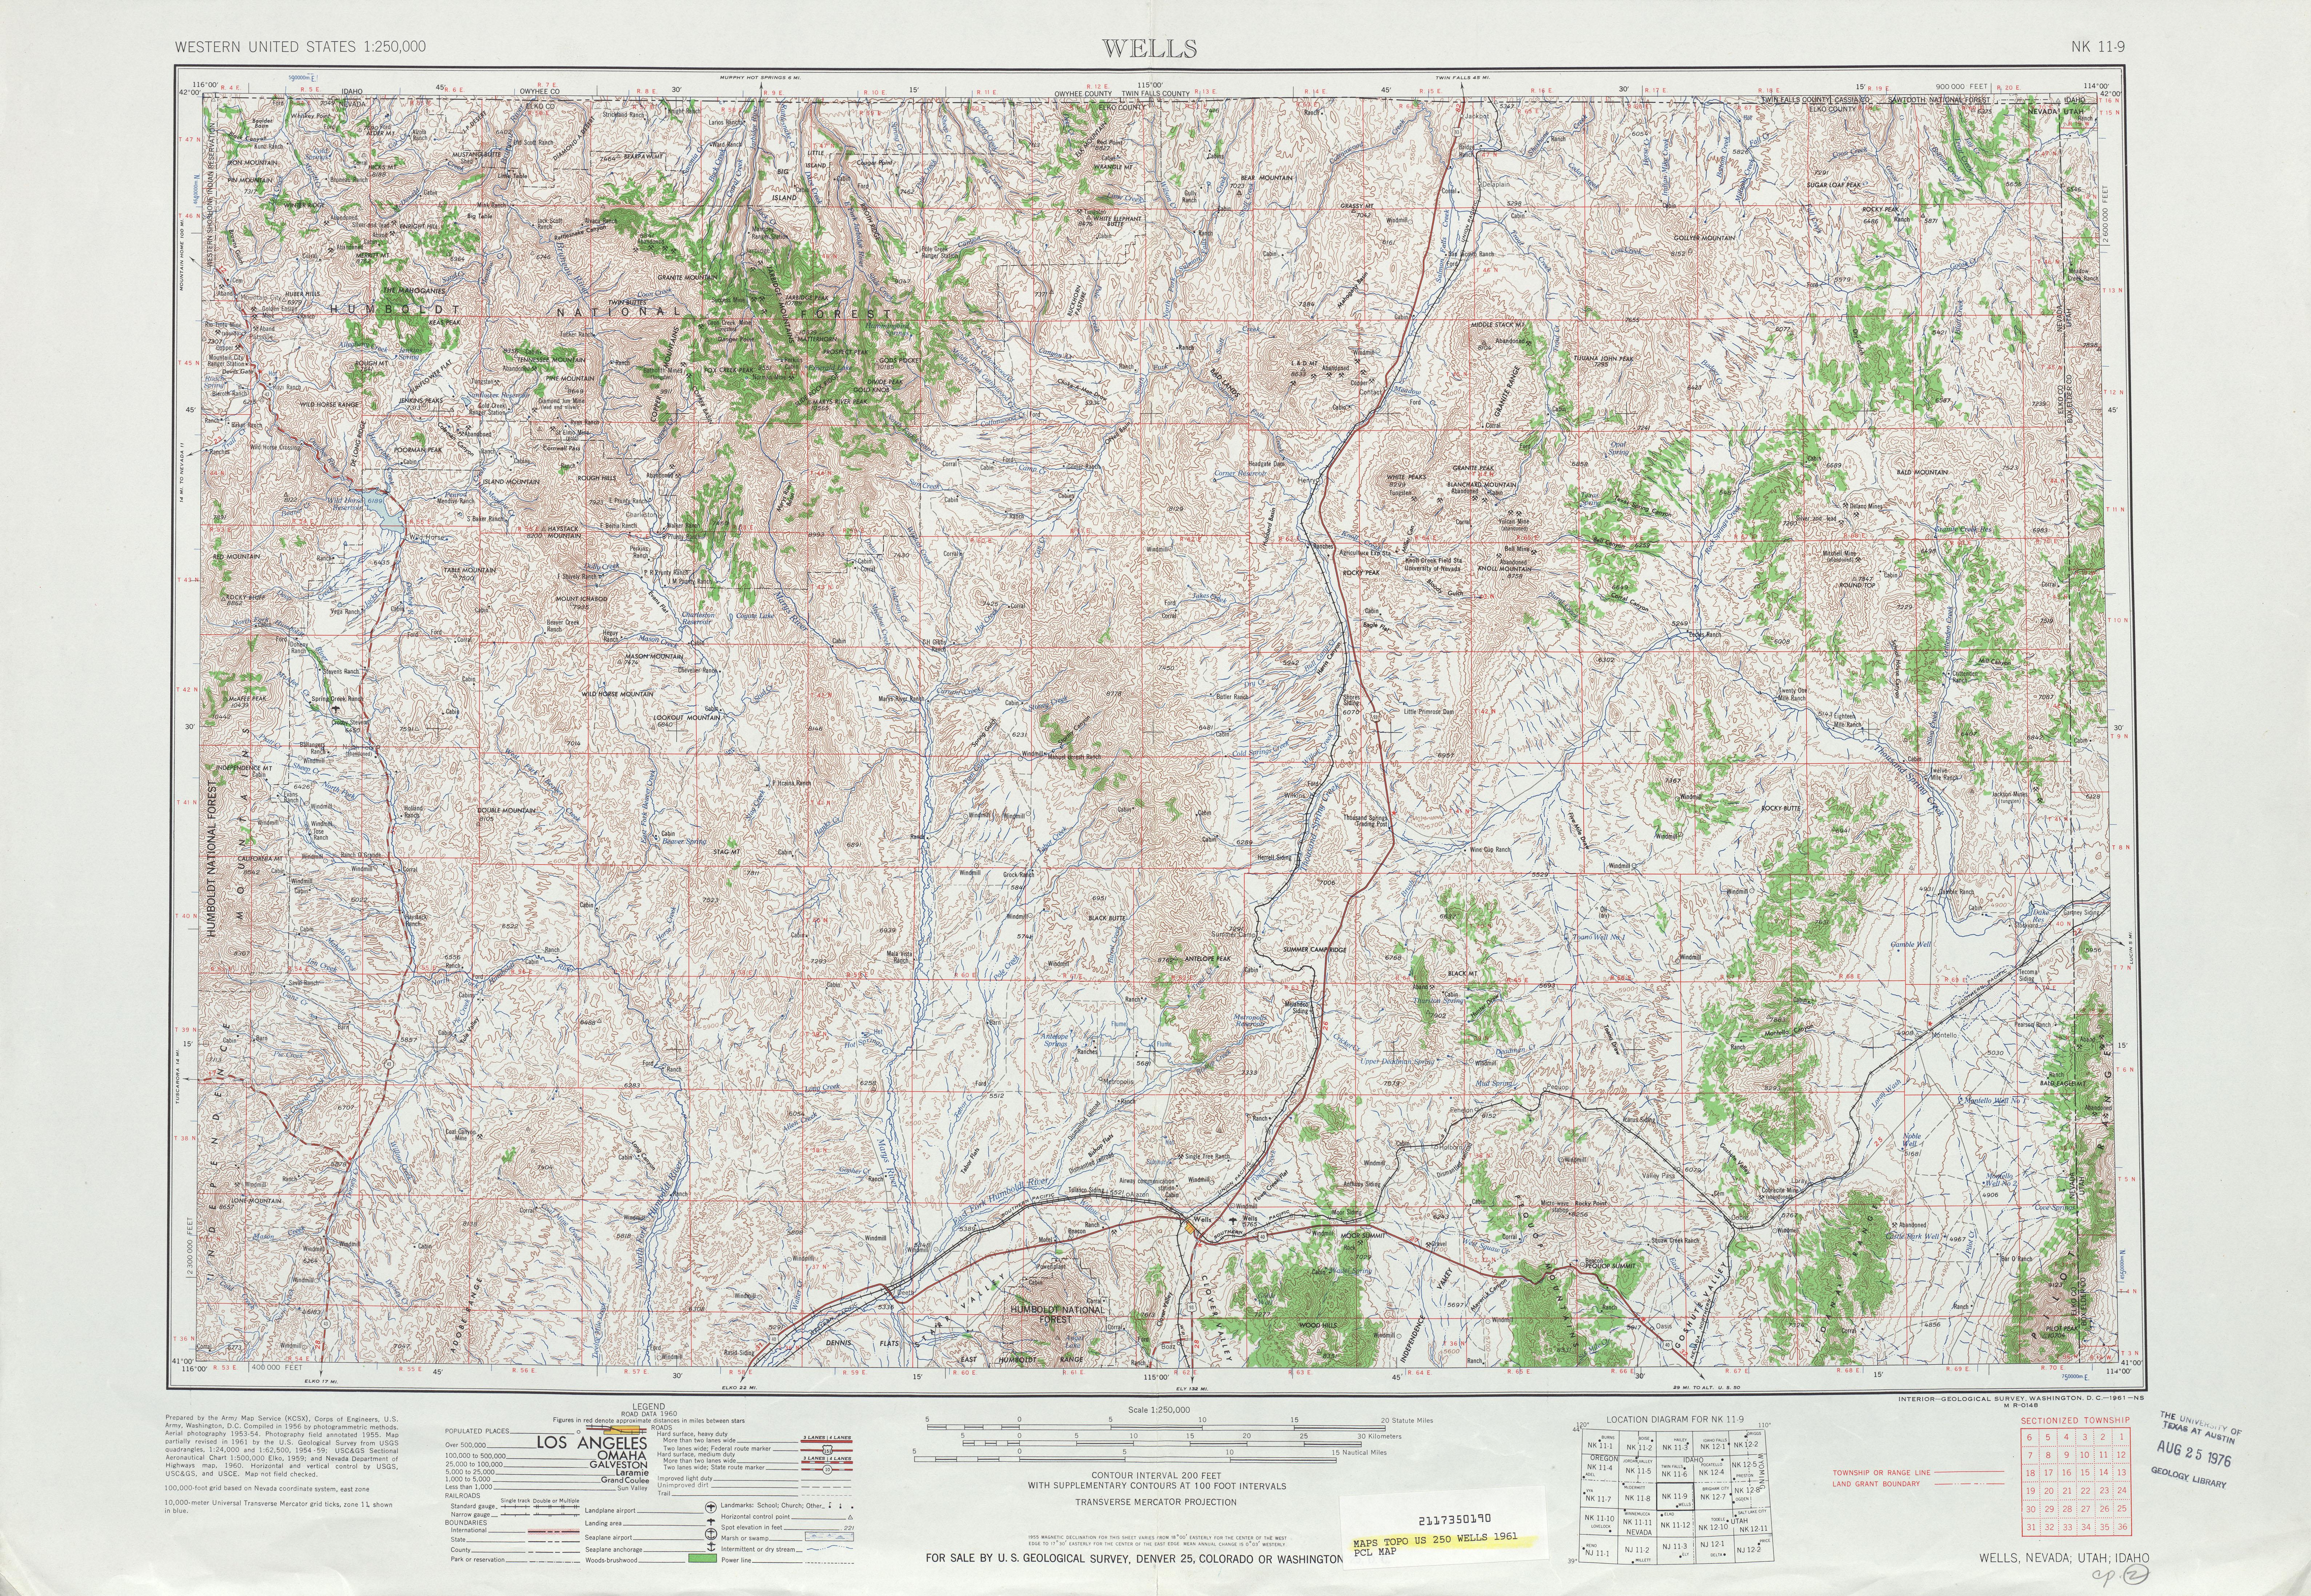 Hoja Wells del Mapa Topográfico de los Estados Unidos 1961